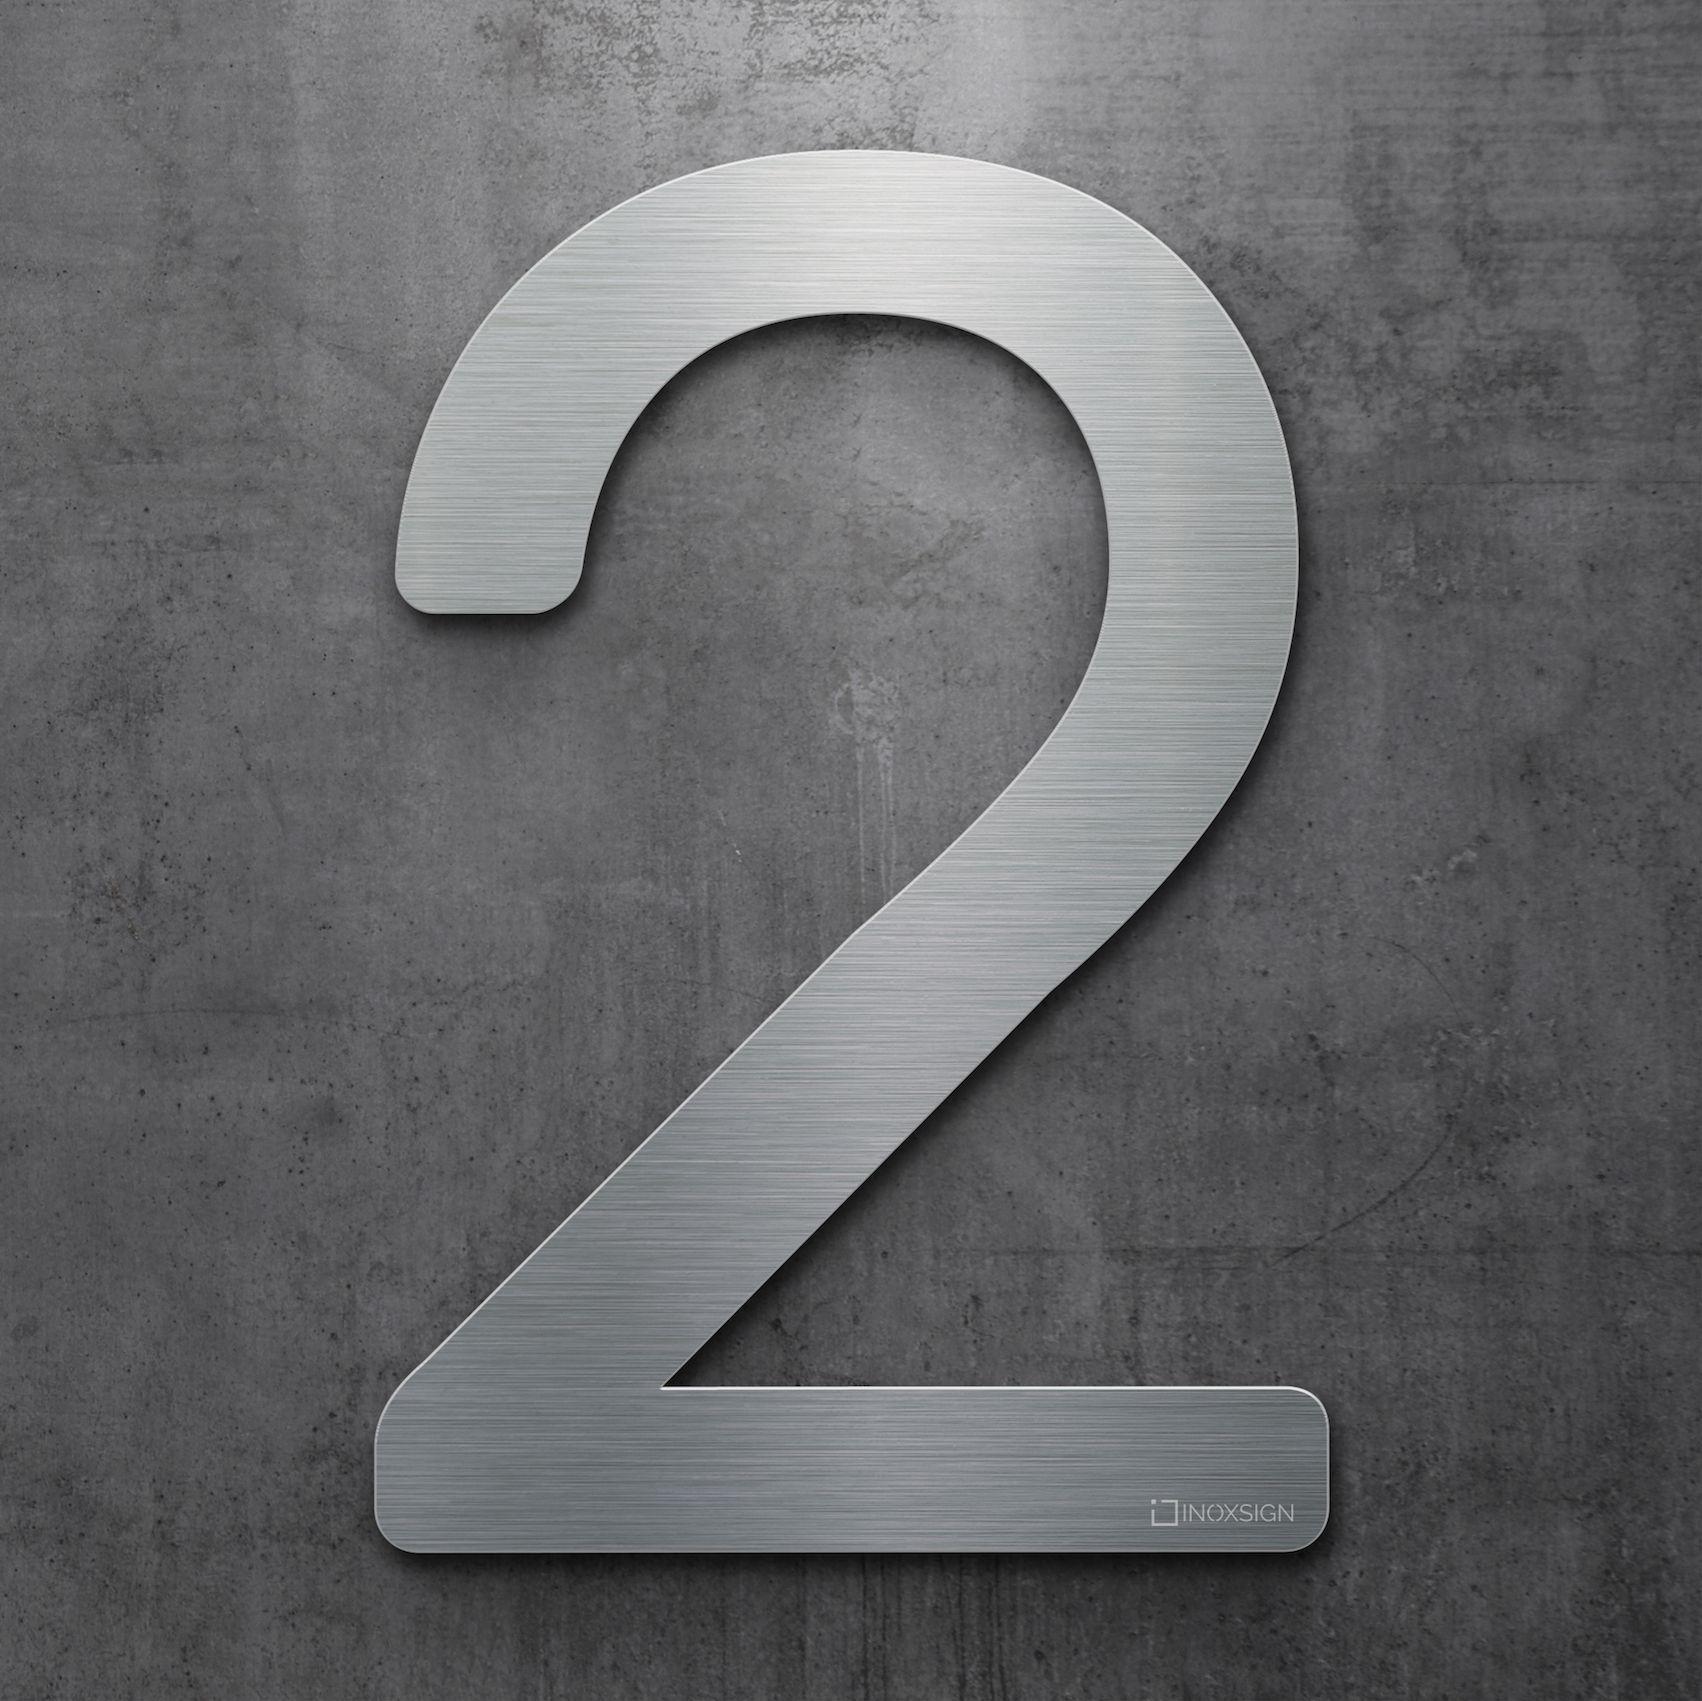 Moderne Hausnummern neu inoxsign edelstahl hausnummer 2 moderne hausnummern aus